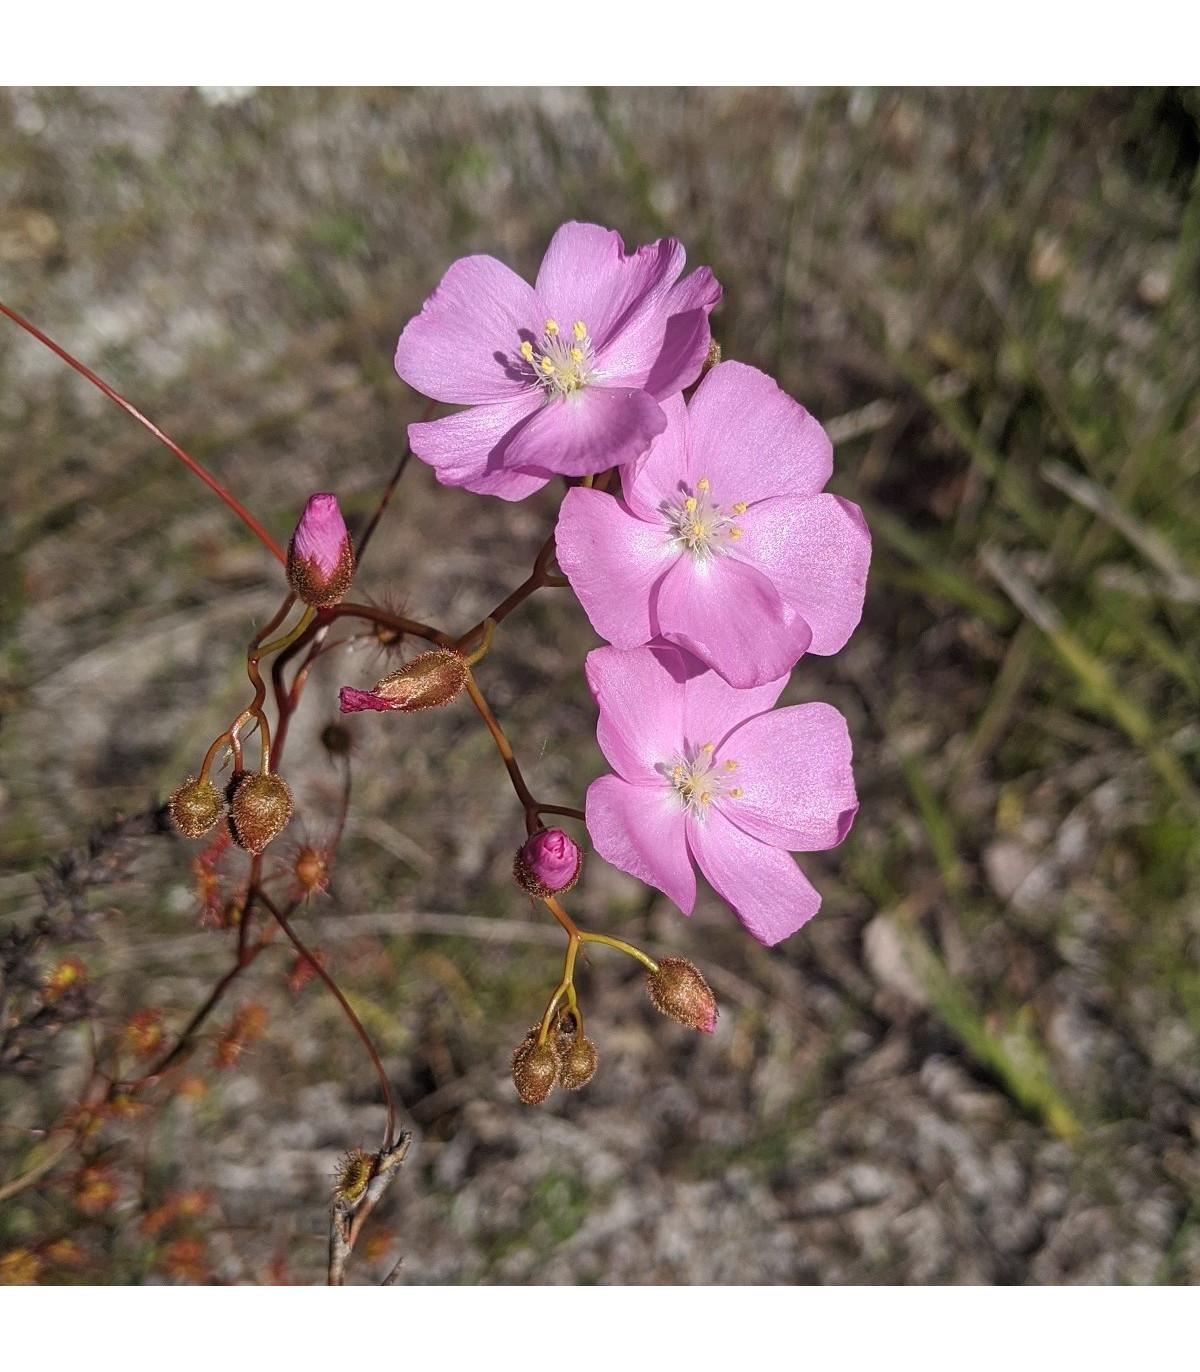 Rosnatka - Drosera venusta - osivo rosnatky - 15 ks